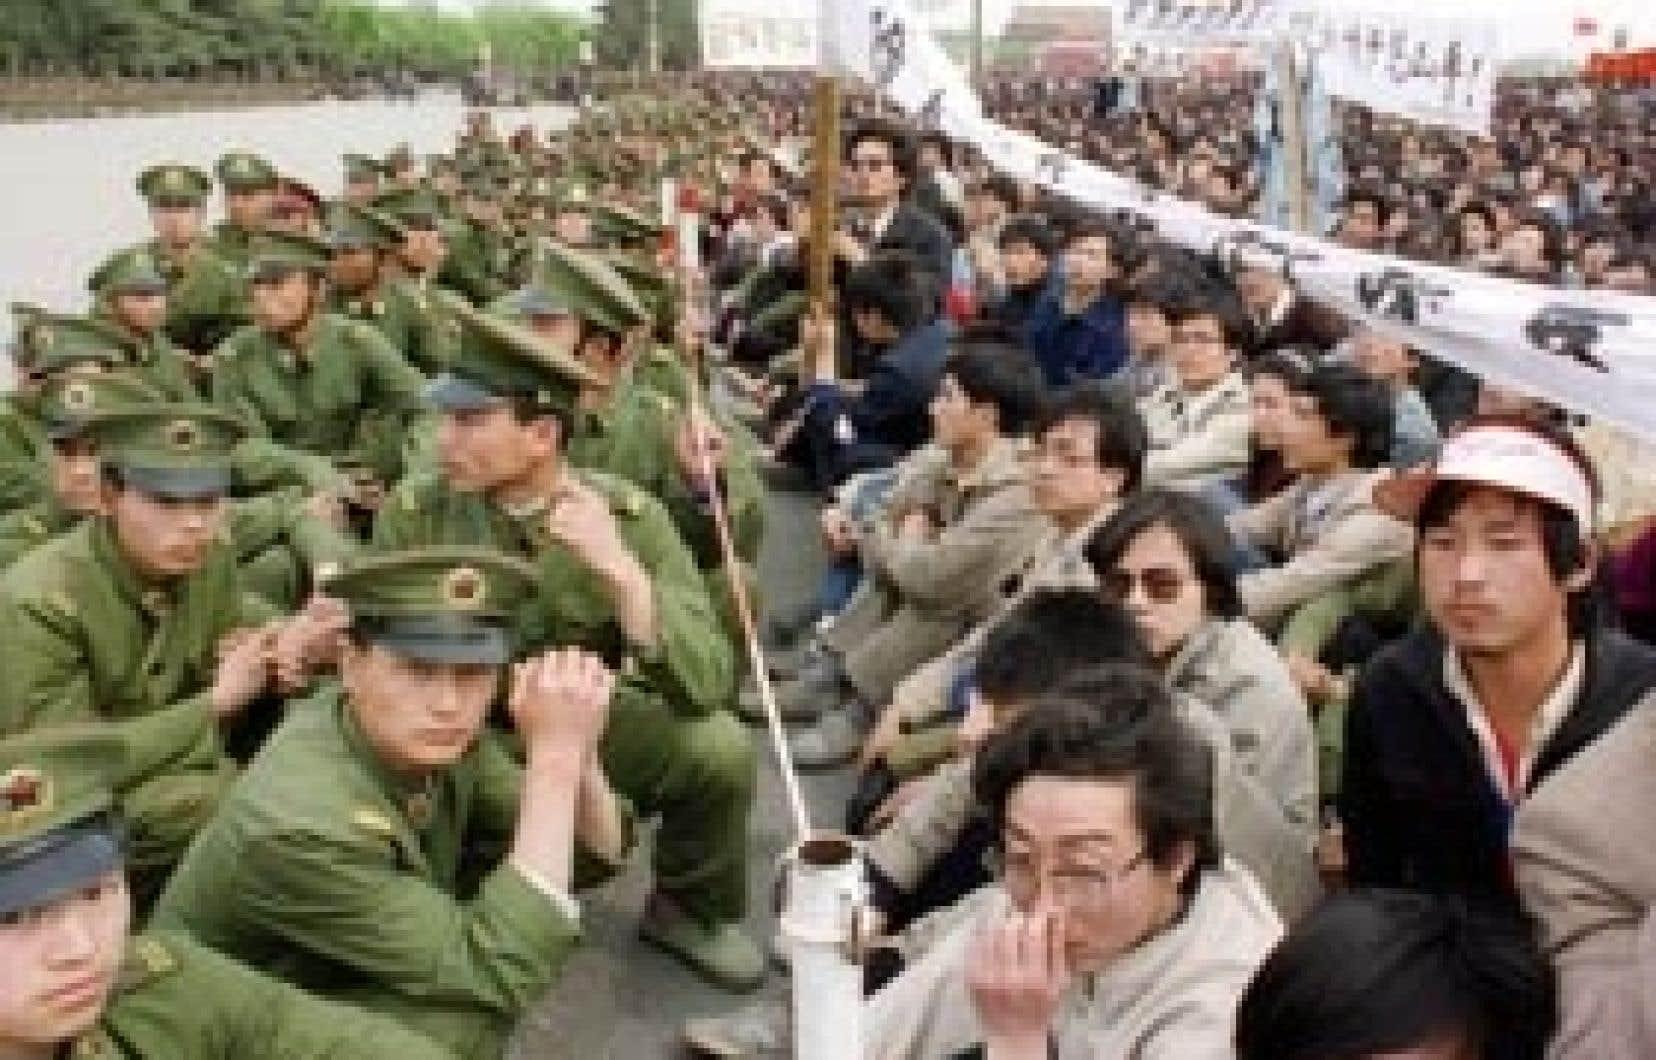 Manifestation du 22 avril 1989 à Pékin, alors que quelque 200 000 personnes exigeaient de dialoguer avec le pouvoir.